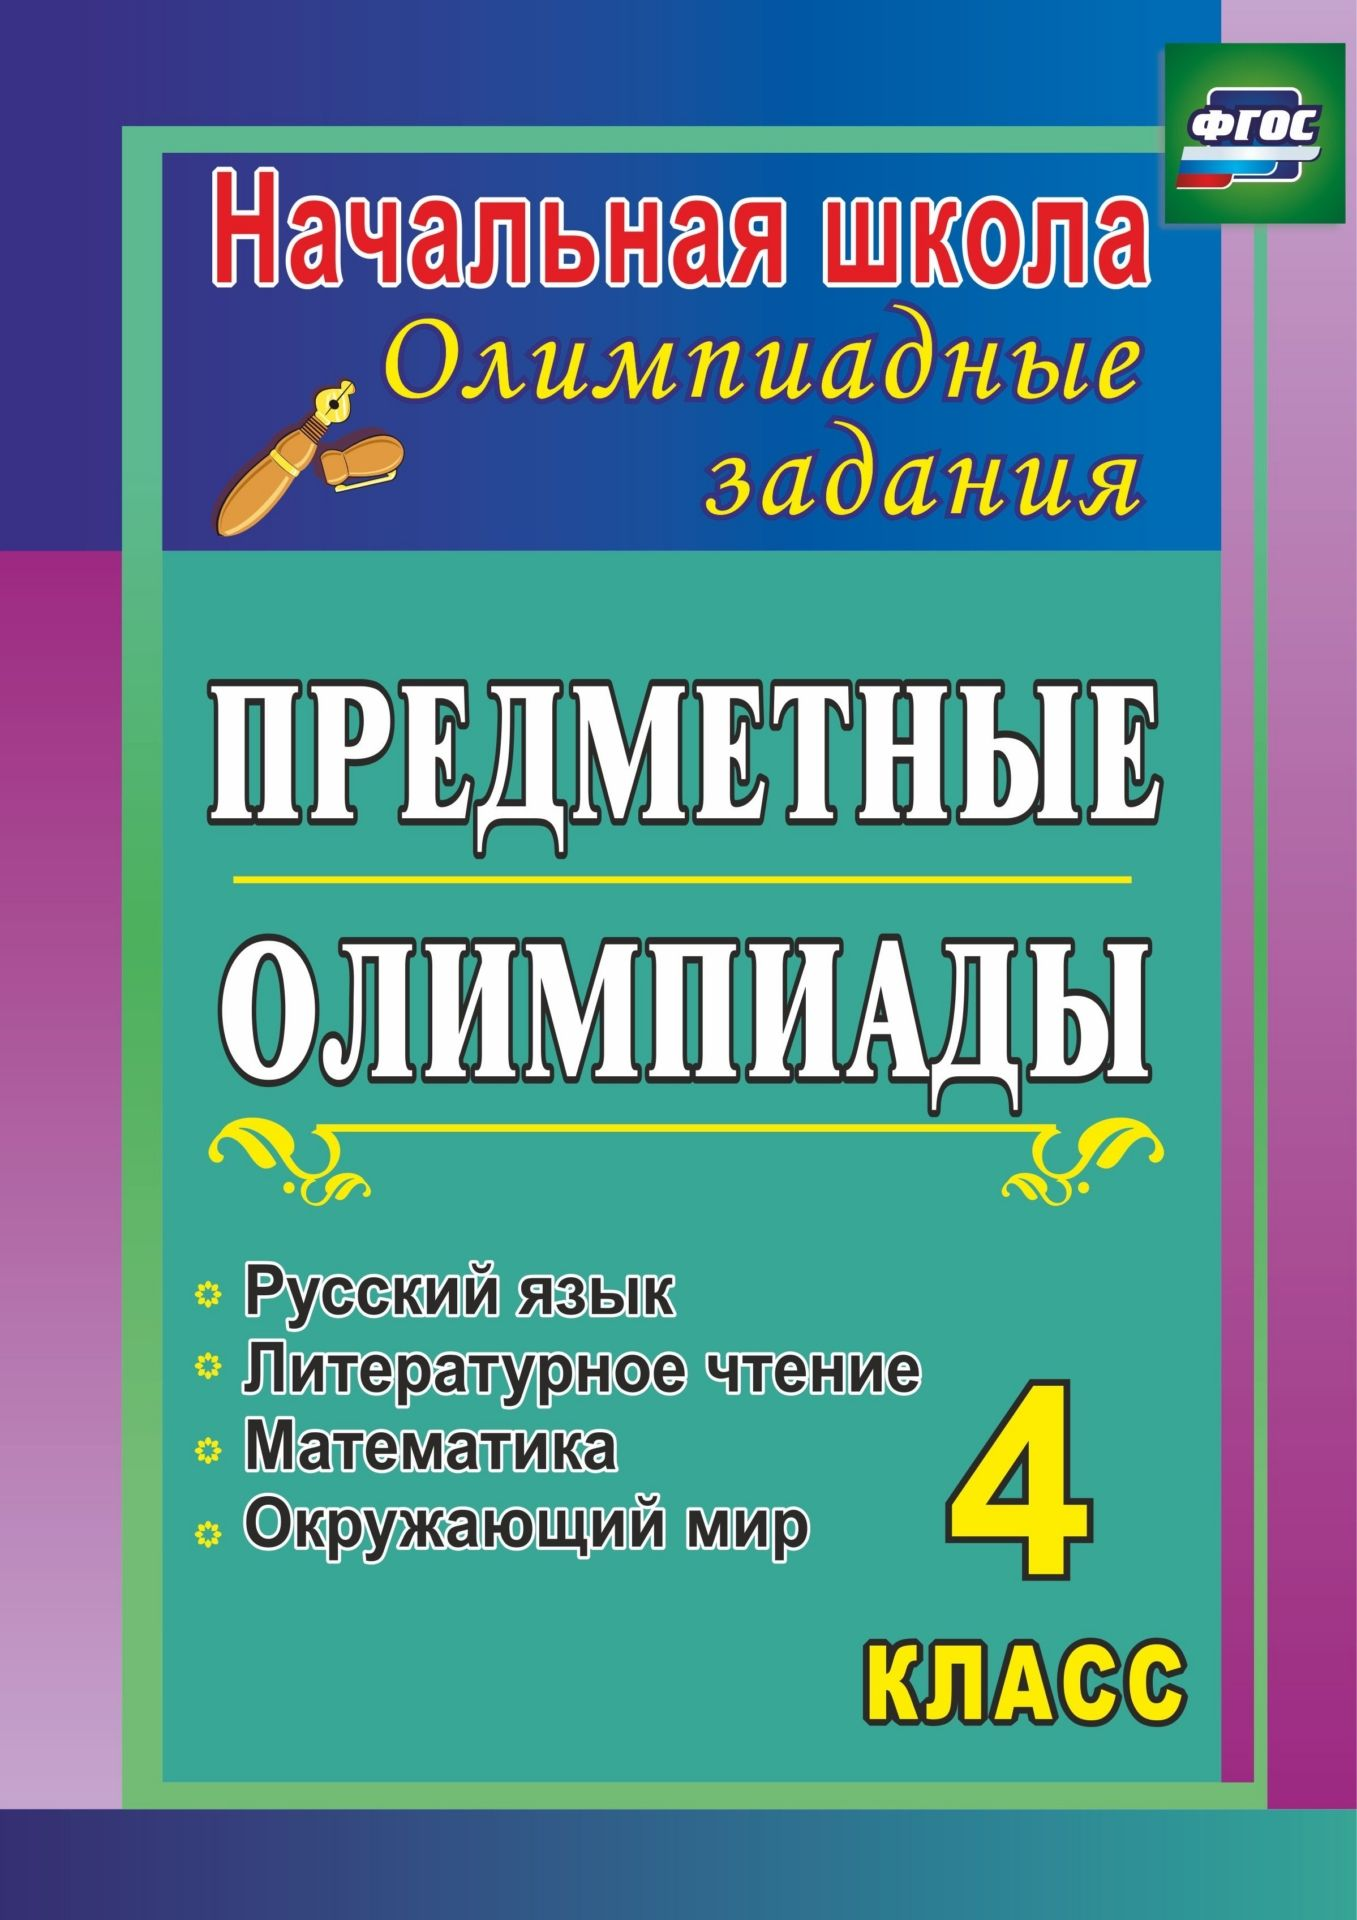 Предметные олимпиады. 4 класс. Русский язык, математика, литературное чтение, окружающий мирПредметы<br>Представленные в пособии олимпиадные задания по русскому языку, математике, литературному чтению, окружающему миру с ответами для учащихся 4 класса помогут педагогу научить младших школьников использовать общеучебные, логические и познавательные универсал...<br><br>Авторы: др., Сверчкова Г. И.<br>Год: 2017<br>Серия: Начальная школа<br>ISBN: 978-5-7057-3832-8<br>Высота: 285<br>Ширина: 203<br>Толщина: 1<br>Переплёт: мягкая, скрепка